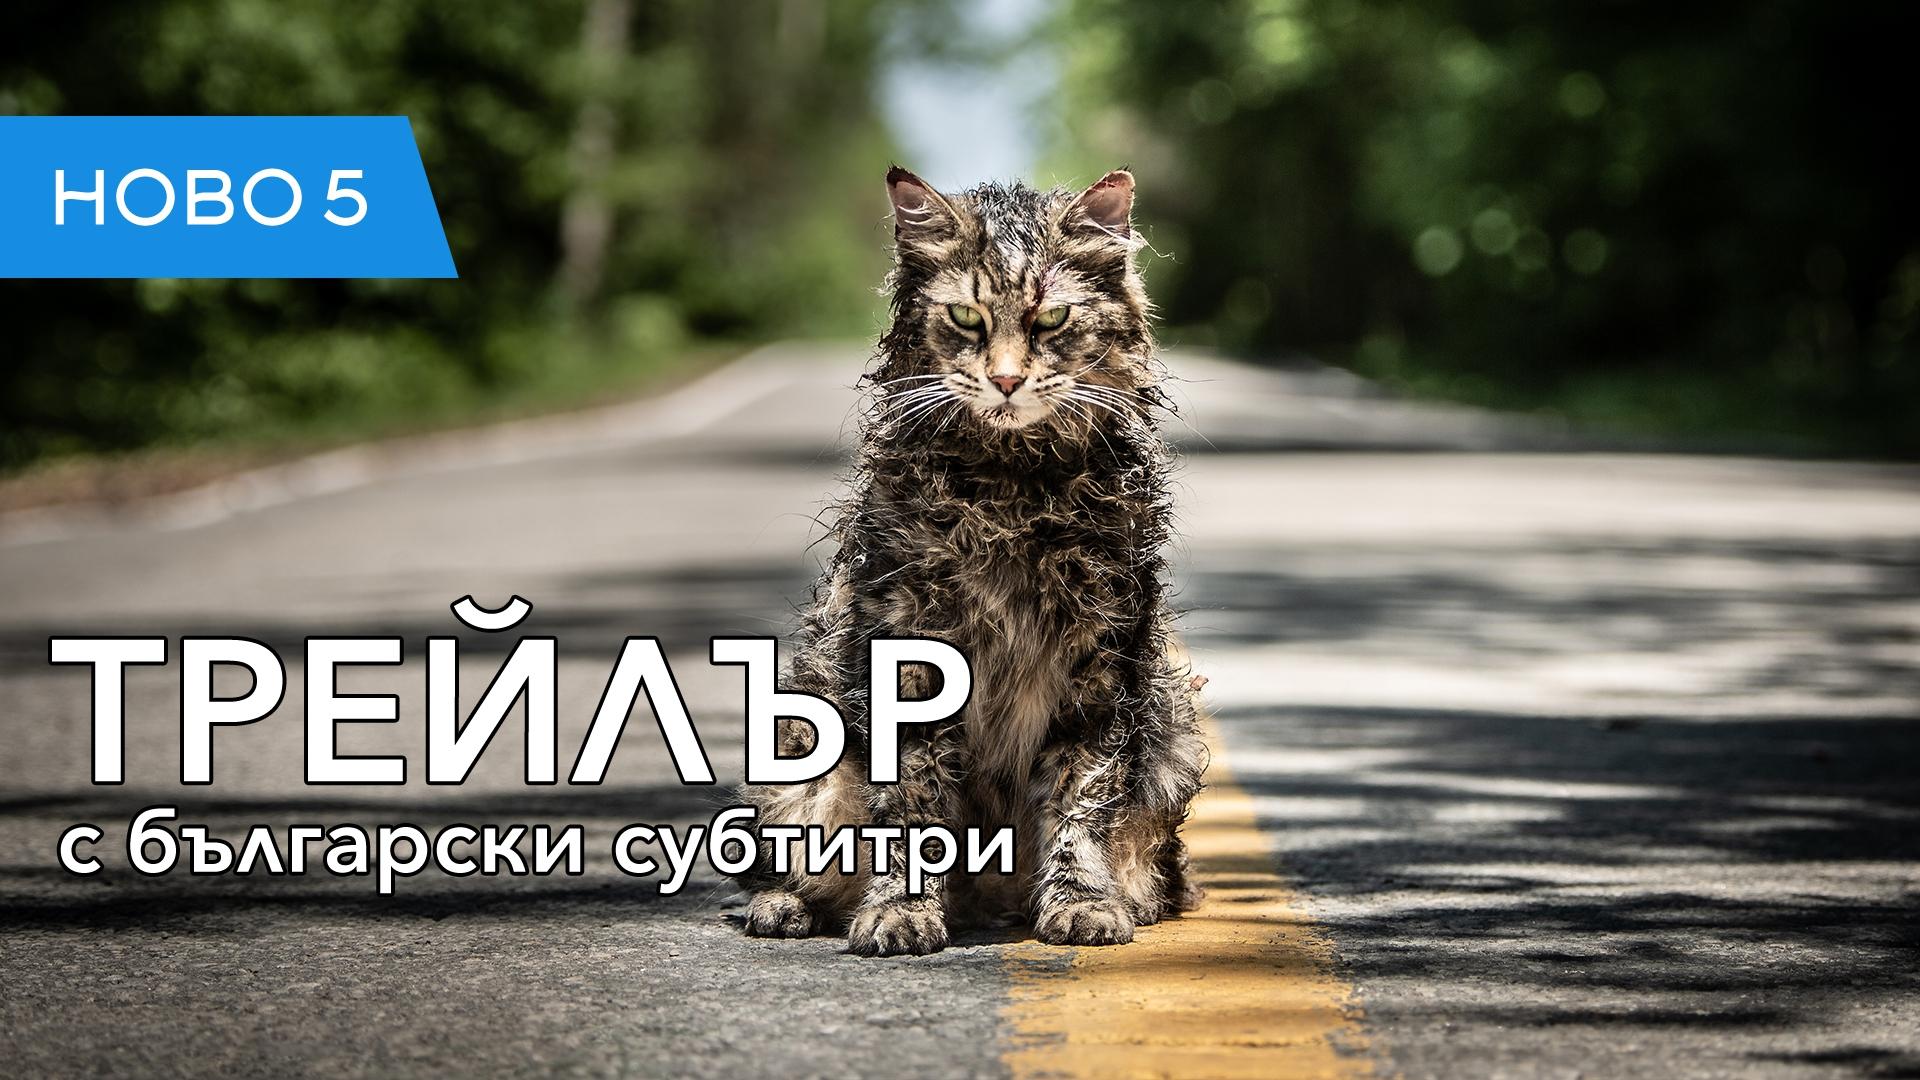 Гробище за домашни любимци (2019) втори трейлър с български субтитри